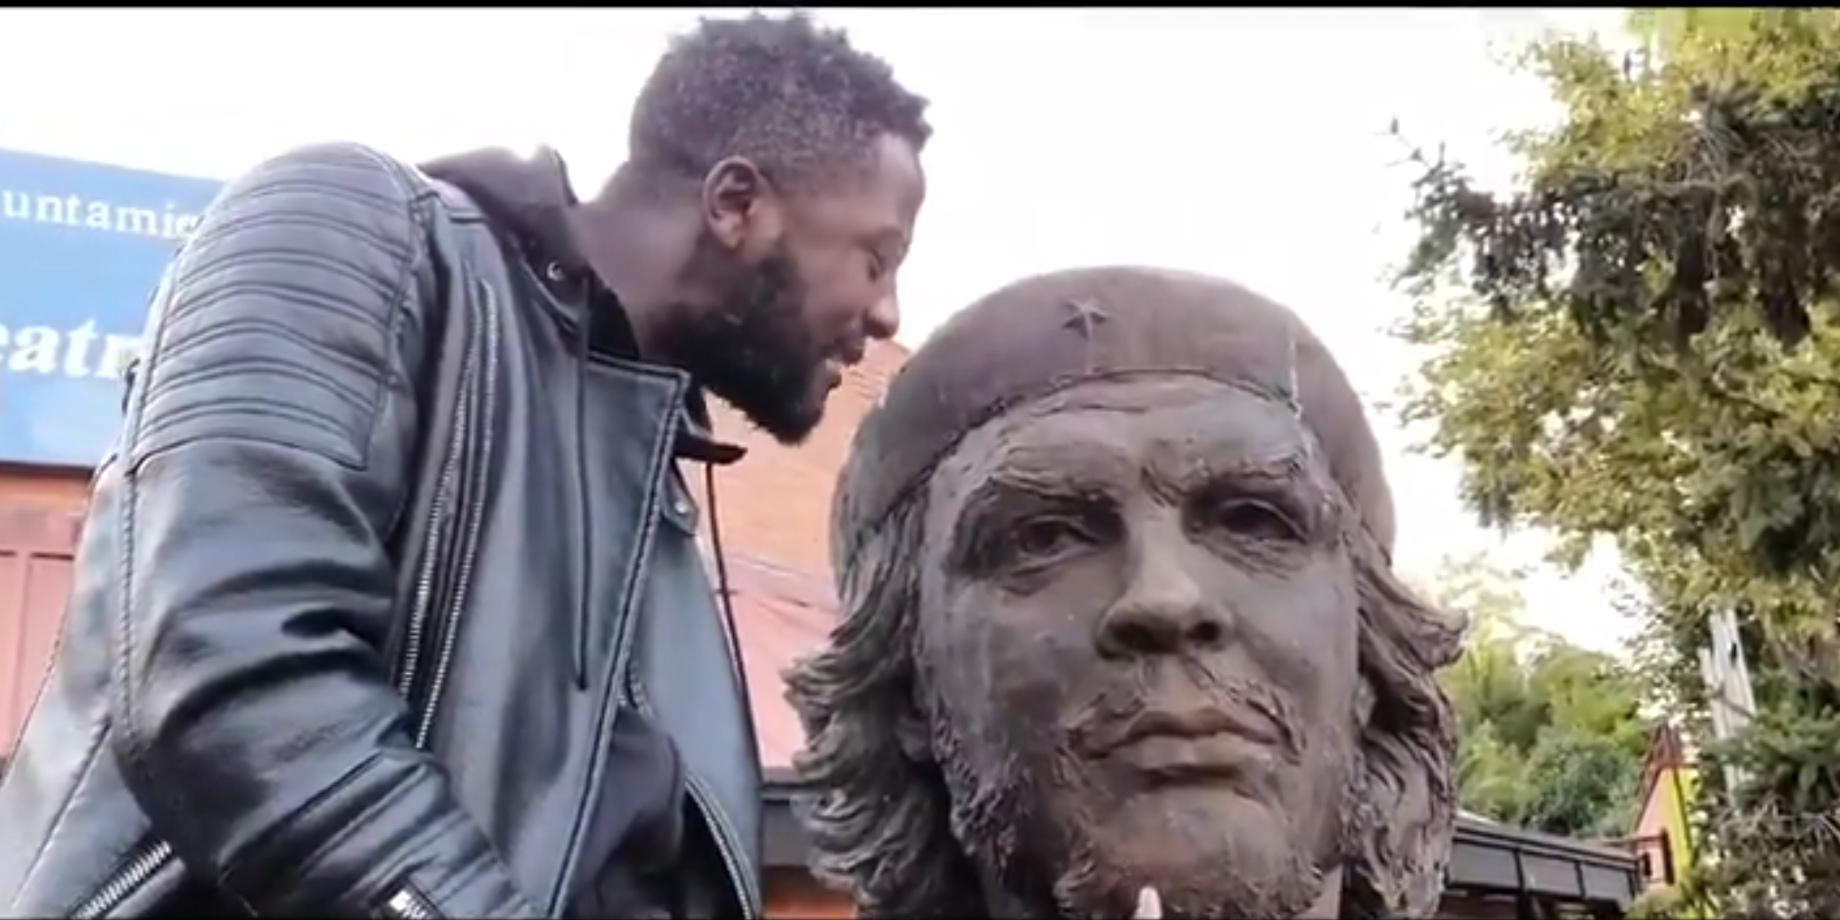 """El 'negro de Vox' carga contra la estatua del homófobo y racista Ché Guevara: """"Si echamos a Franco, que saquen a éste de una puñeter* vez"""""""